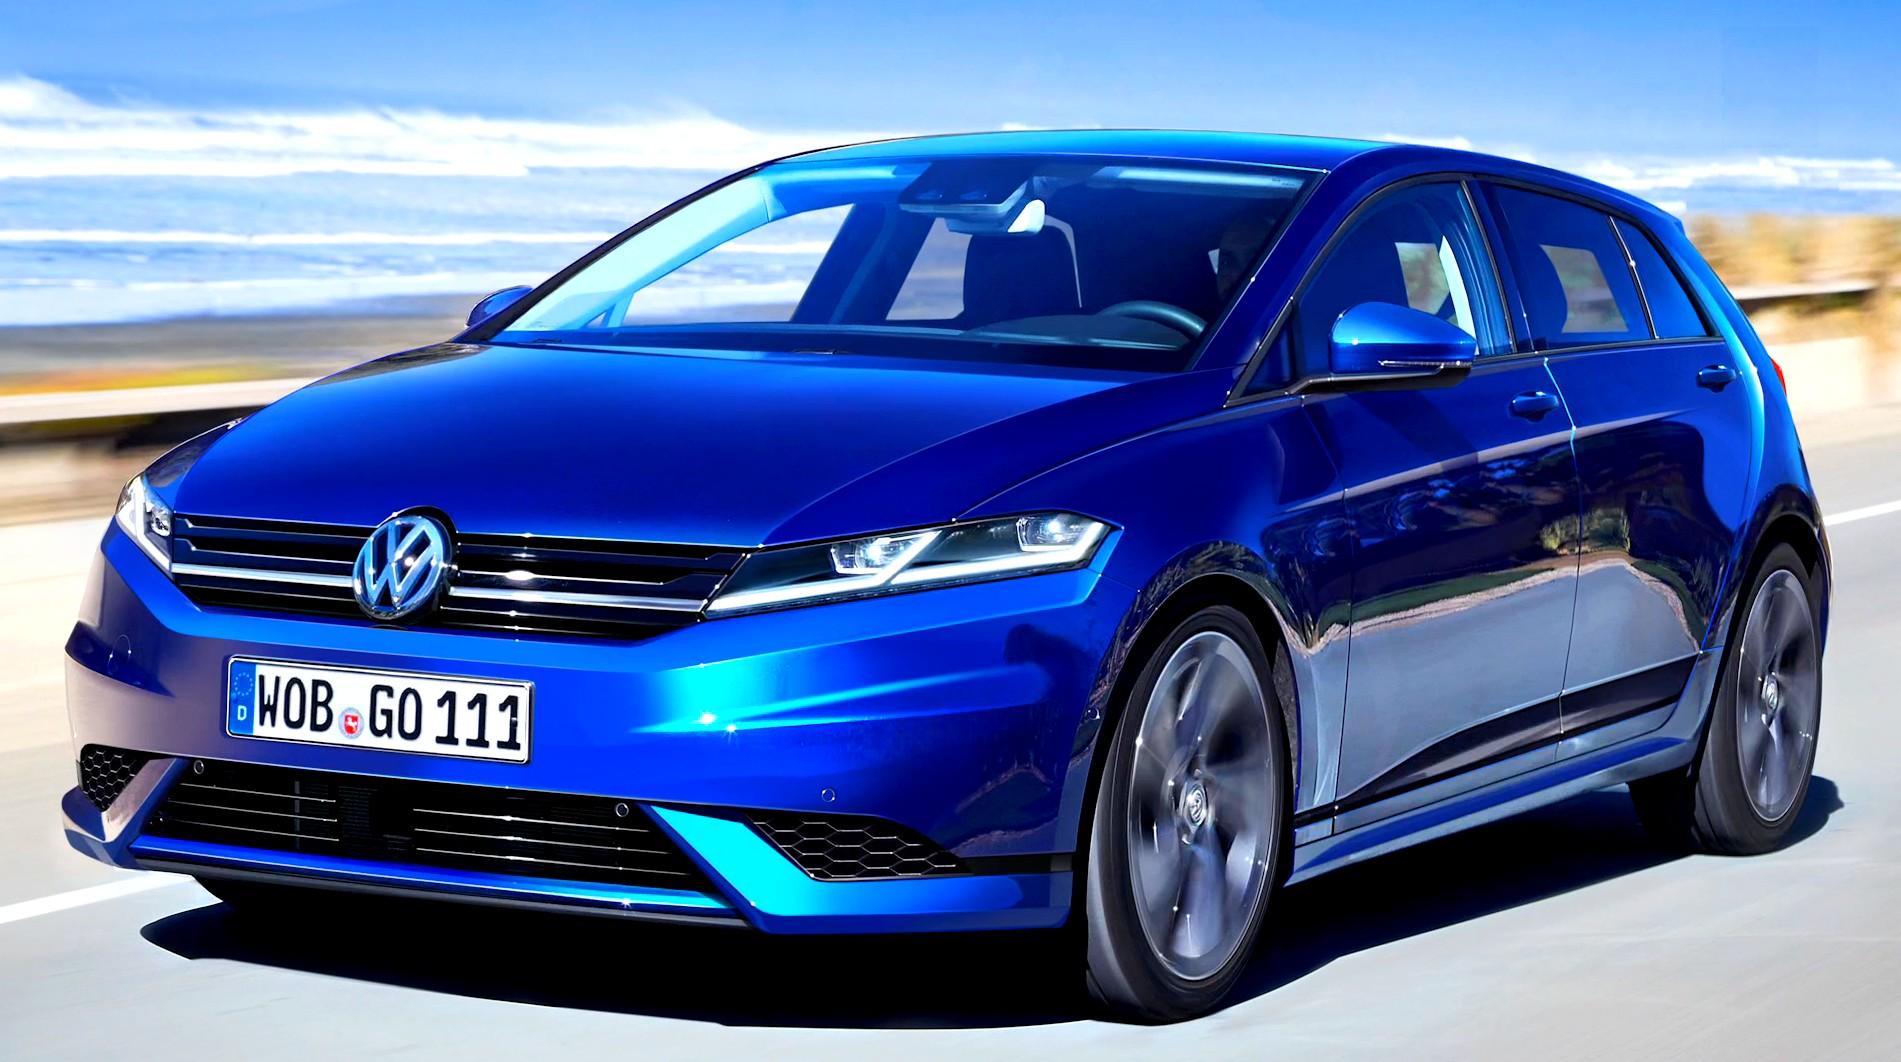 2018 Volkswagen Golf 8